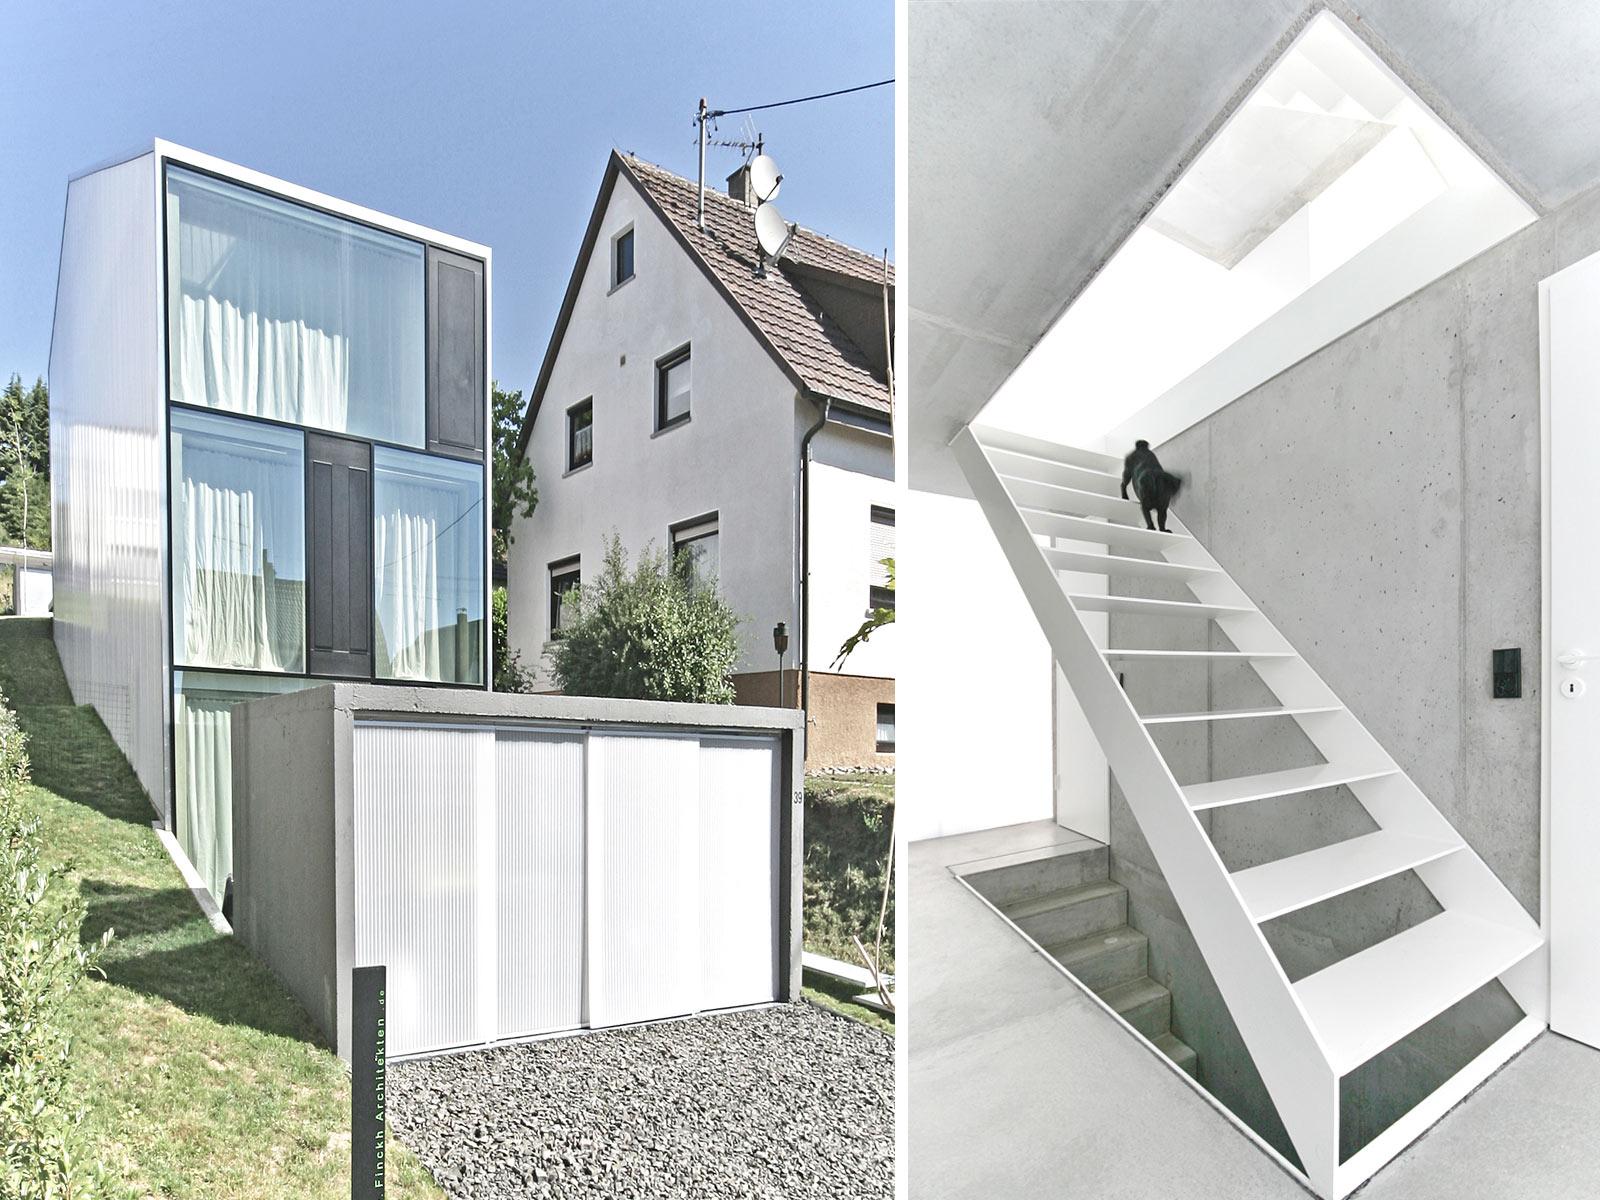 best architects architektur award finckh architekten finckh architekten haus f. Black Bedroom Furniture Sets. Home Design Ideas